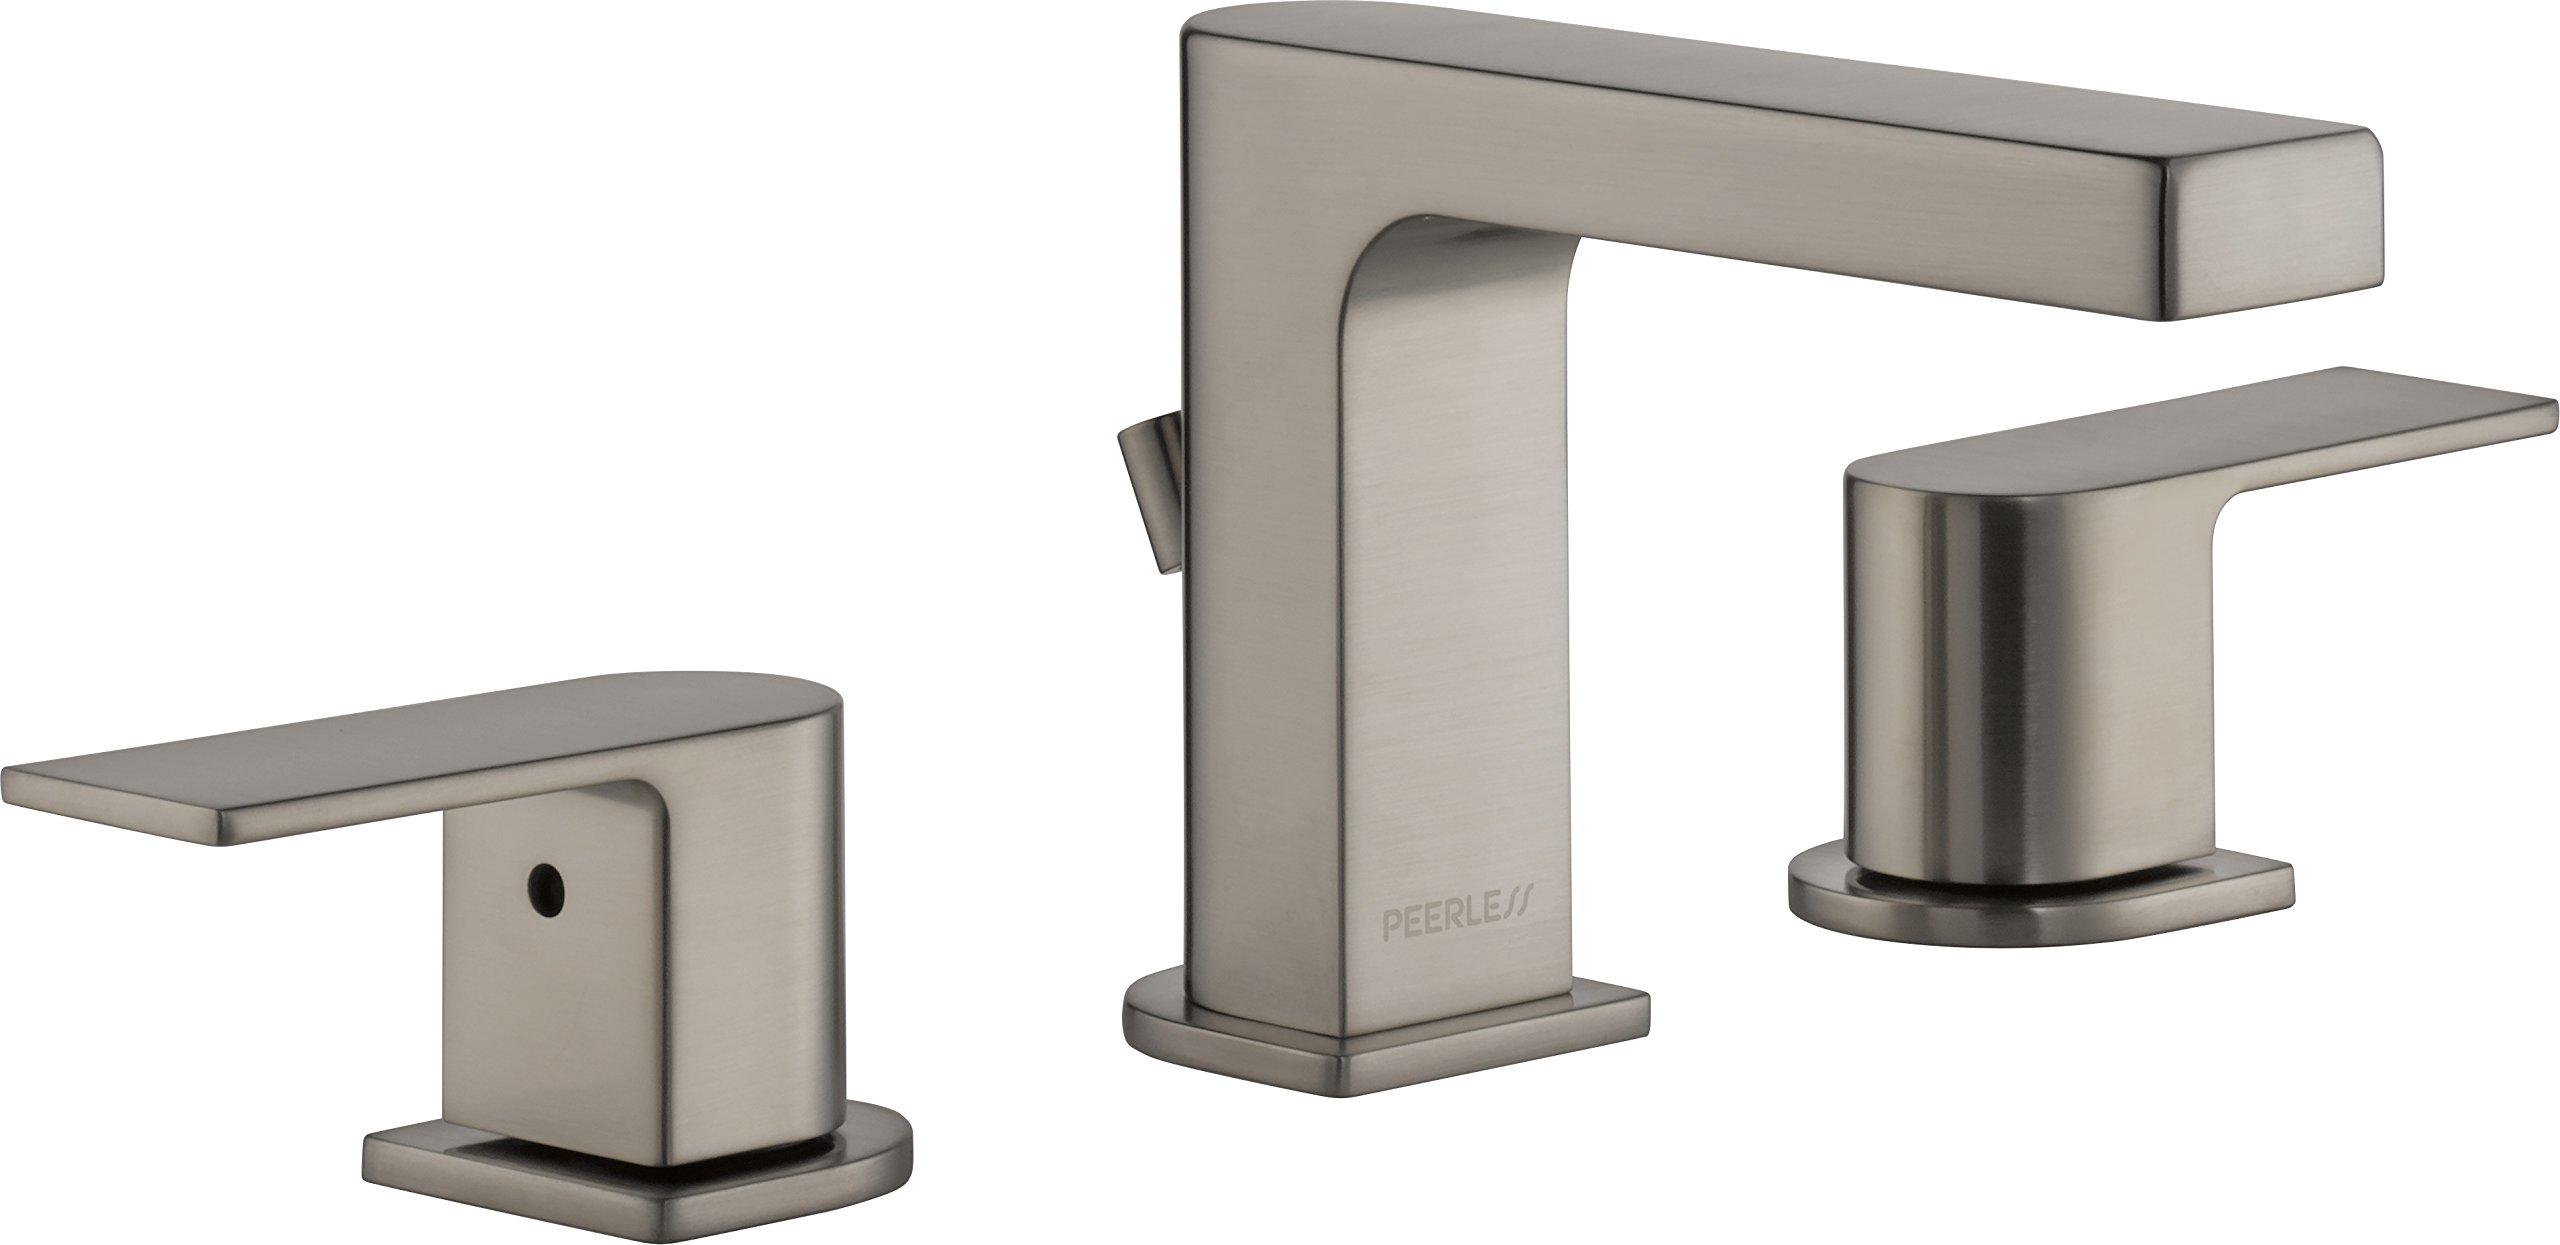 Peerless P3519LF-BN Xander Two Handle Widespread Bathroom Faucet, Brushed Nickel